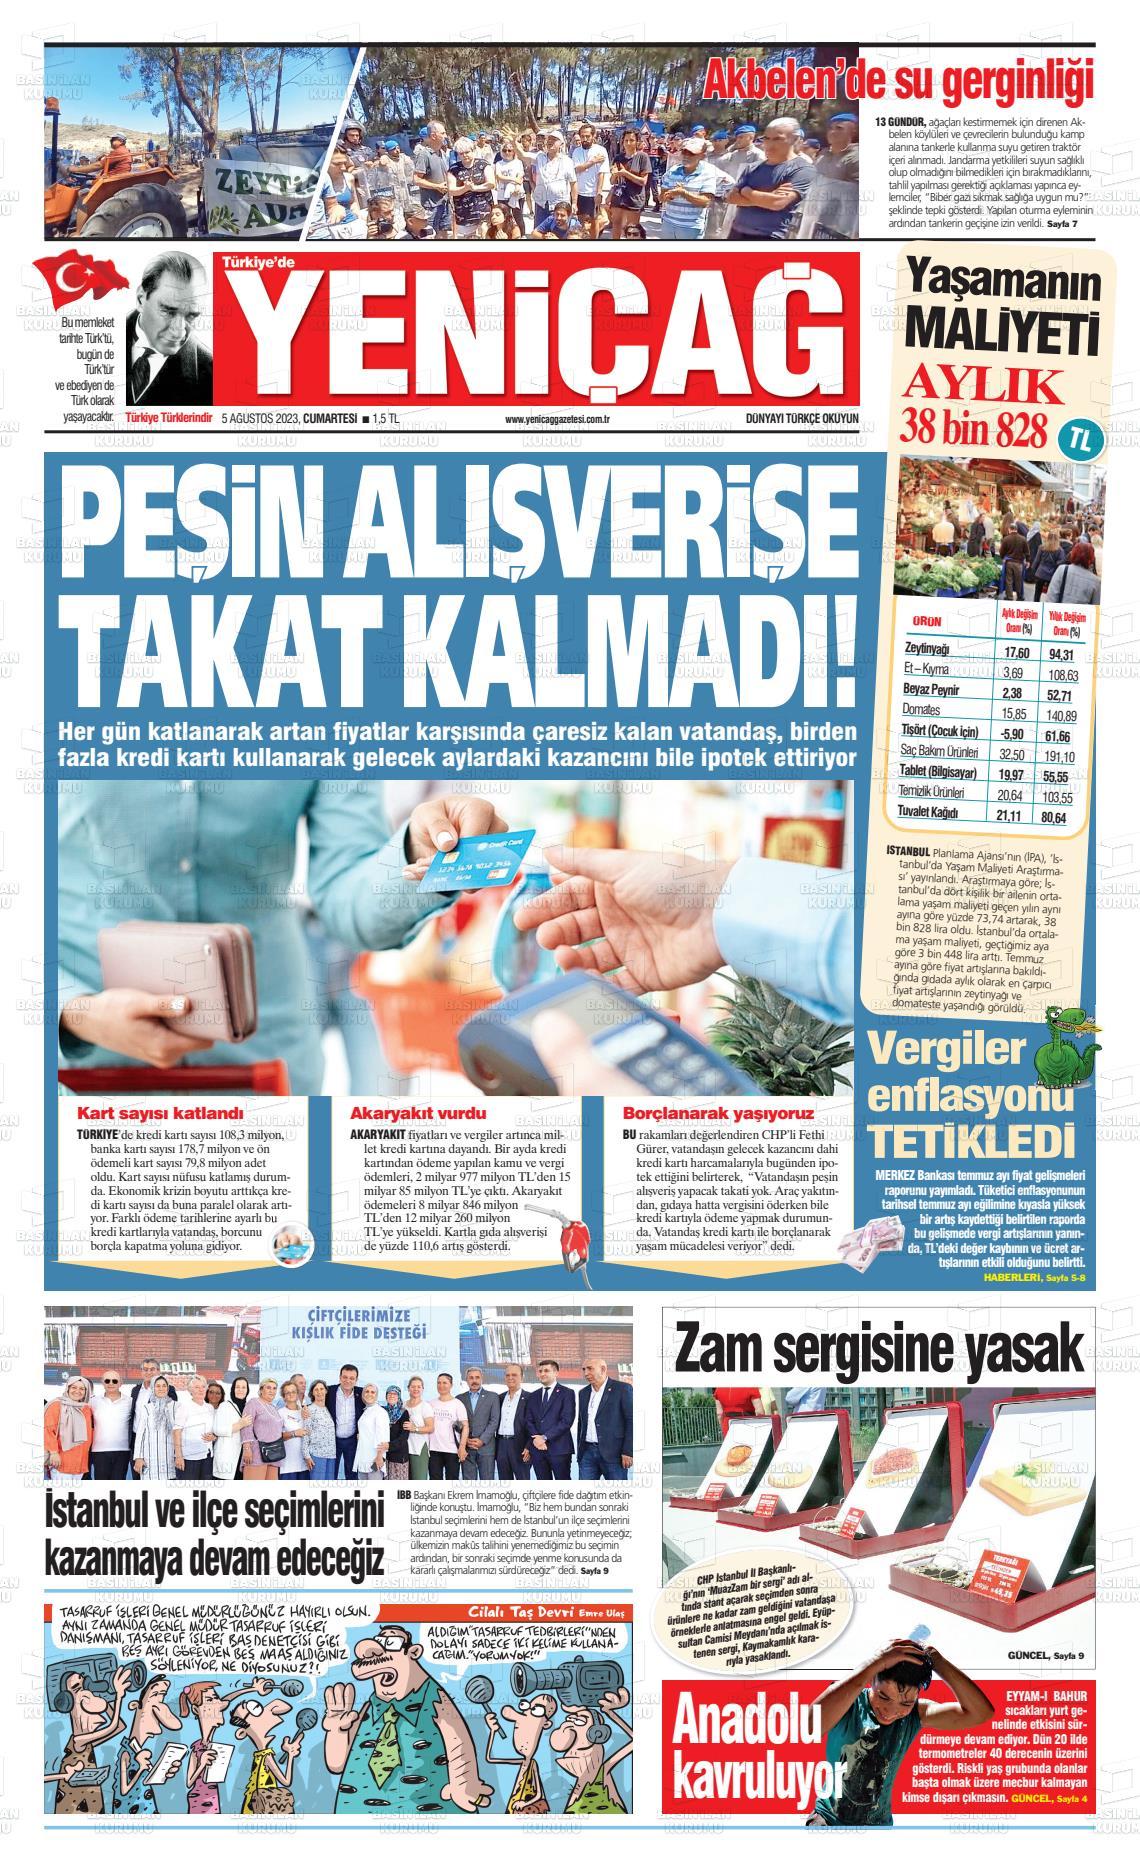 27 Ocak 2021, Çarşamba yenicag Gazetesi